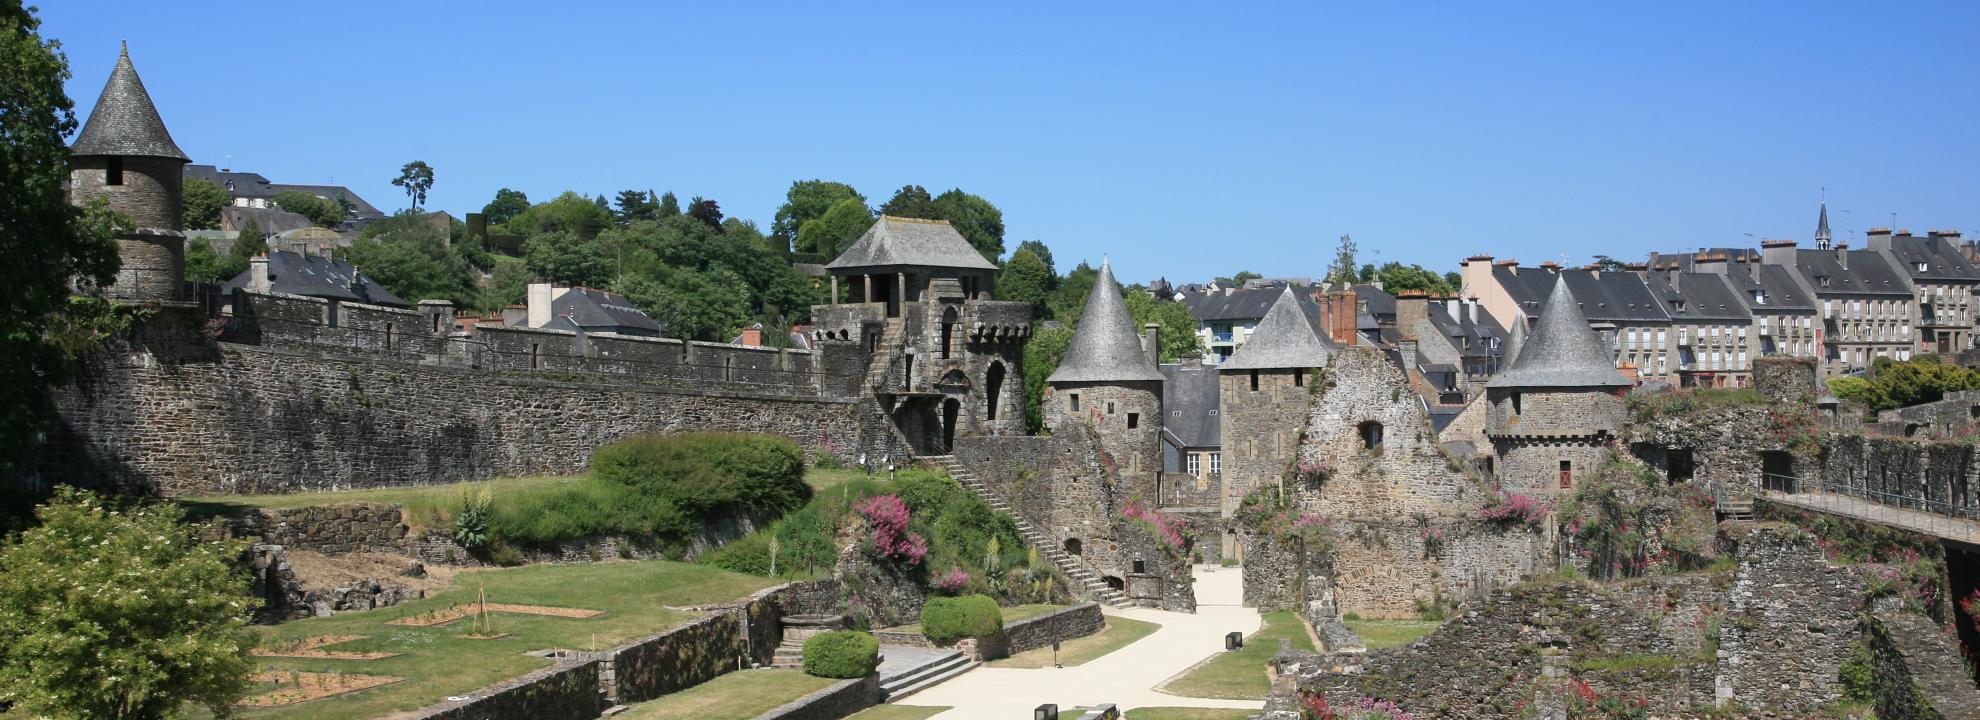 chateau de Fourges